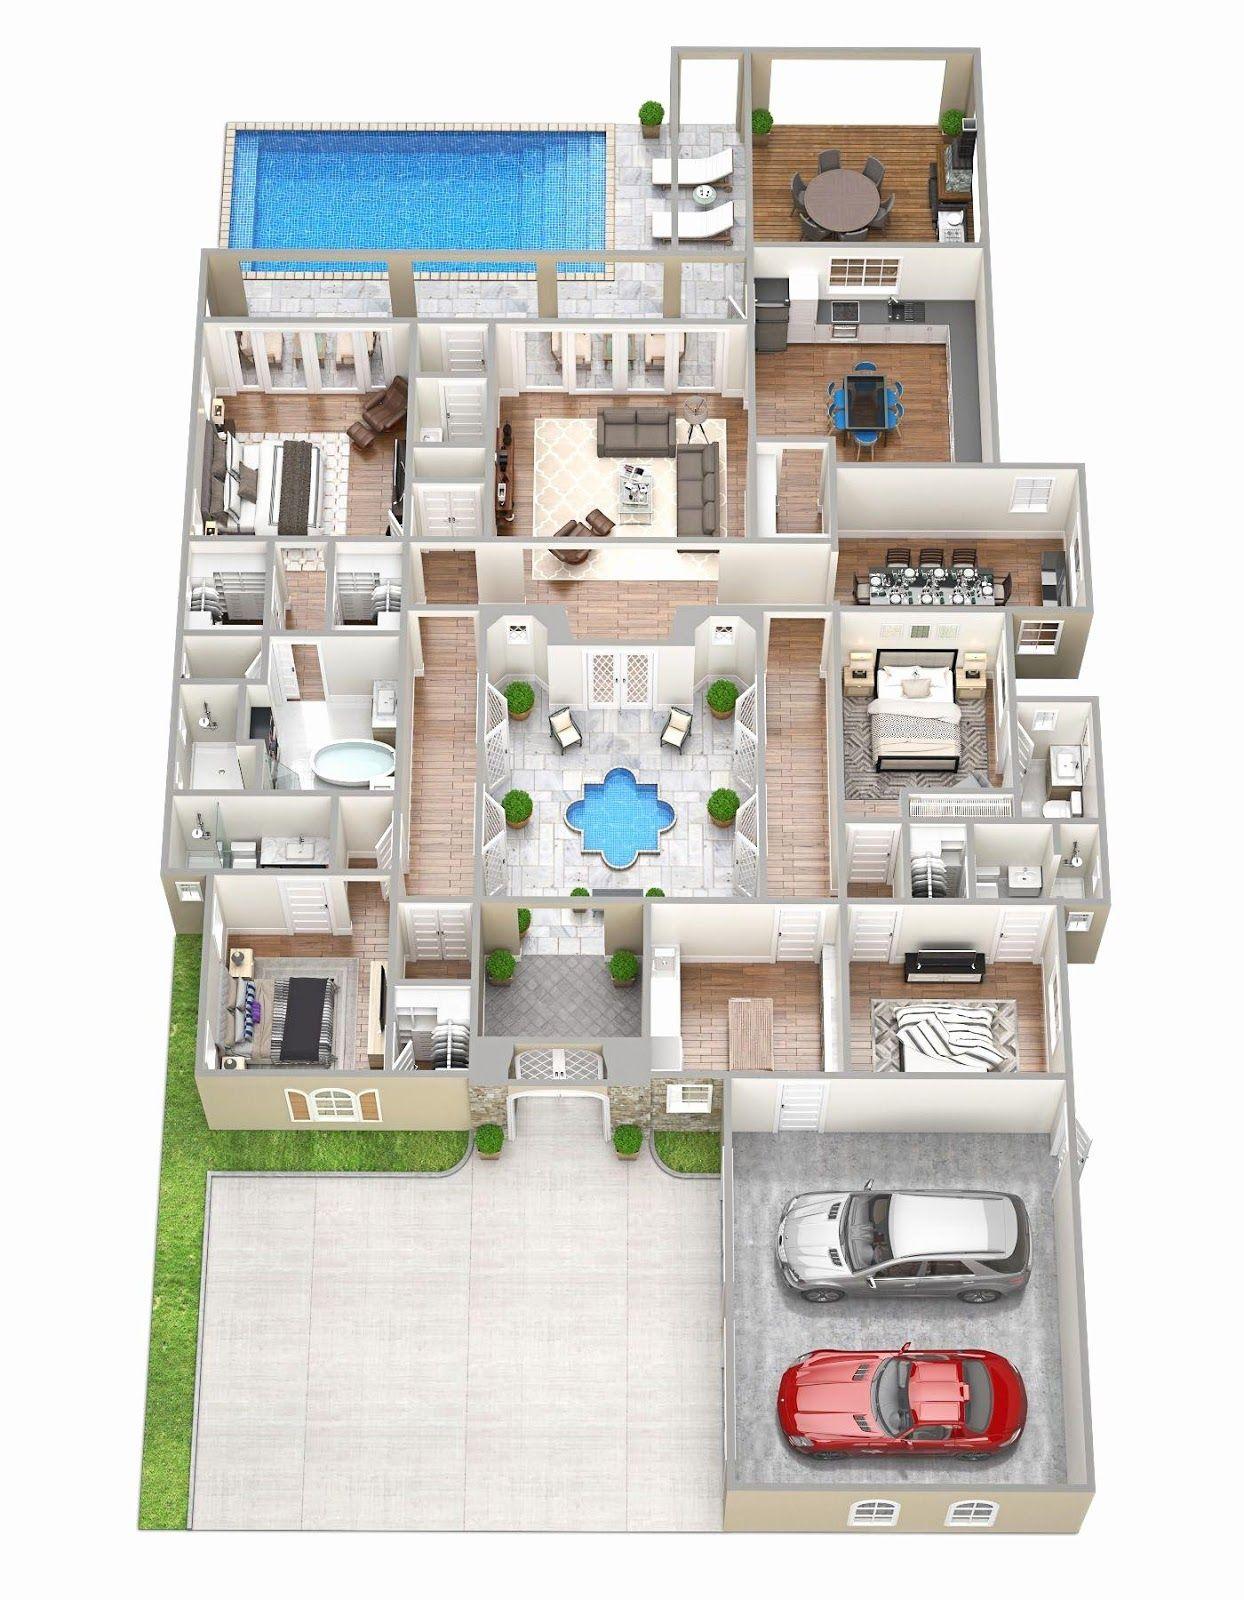 Desain Rumah The Sims 4 : desain, rumah, Denah, Rumah, Minimalis, Lantai, Dengan, Kolam, Renang, Terbaru, Koleksi, Gambar, Terlengkap, Rumah,, Desain, Mewah